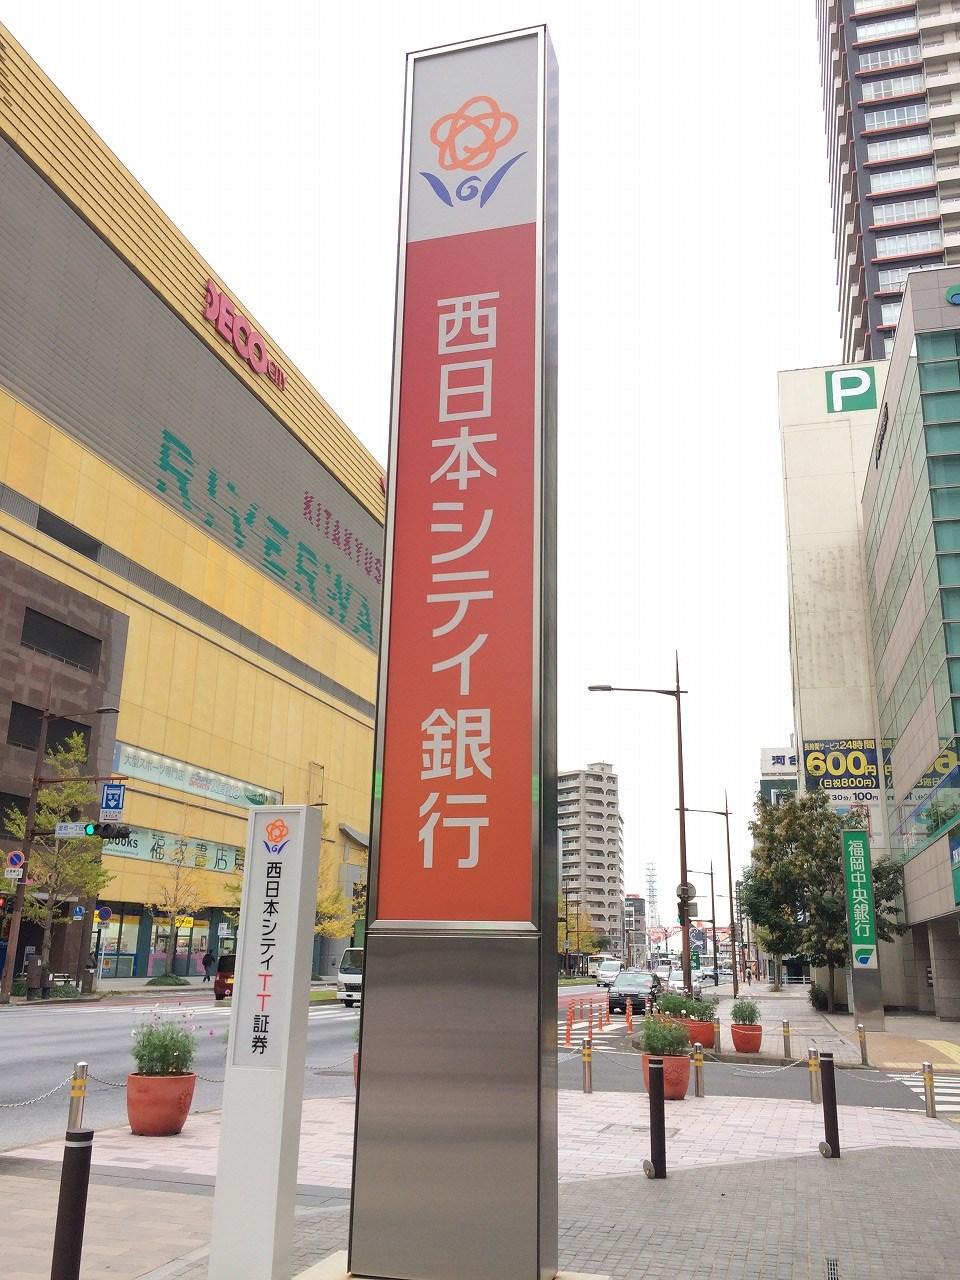 銀行:西日本シティ銀行 イオン若松店 480m